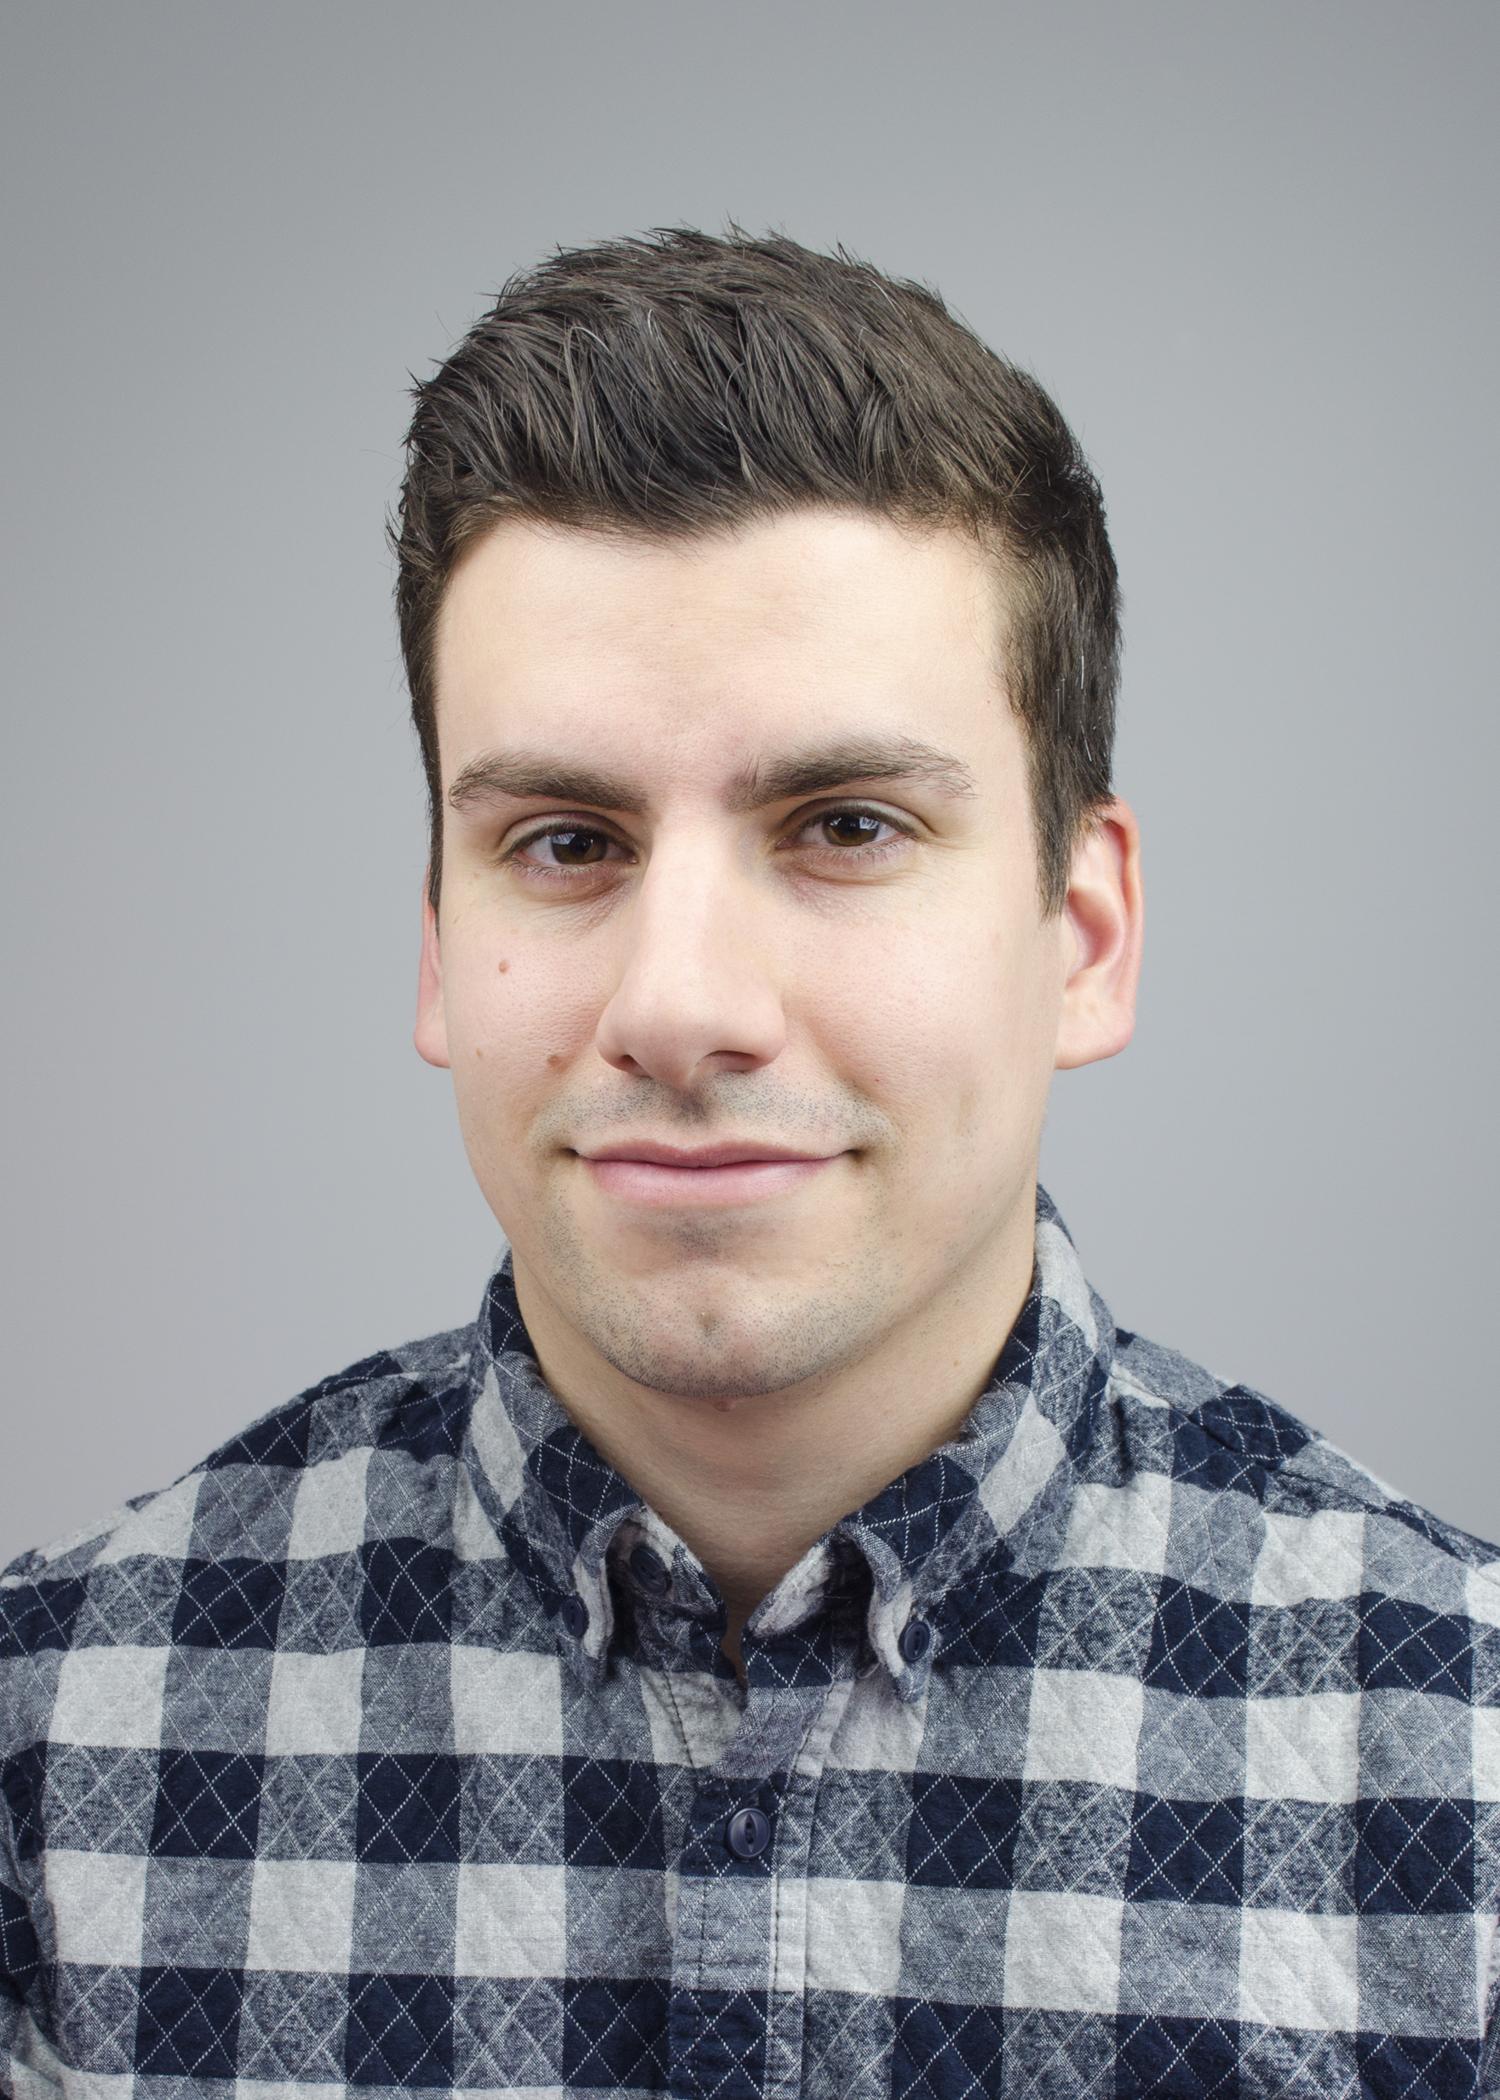 JAMES PARK , Designer